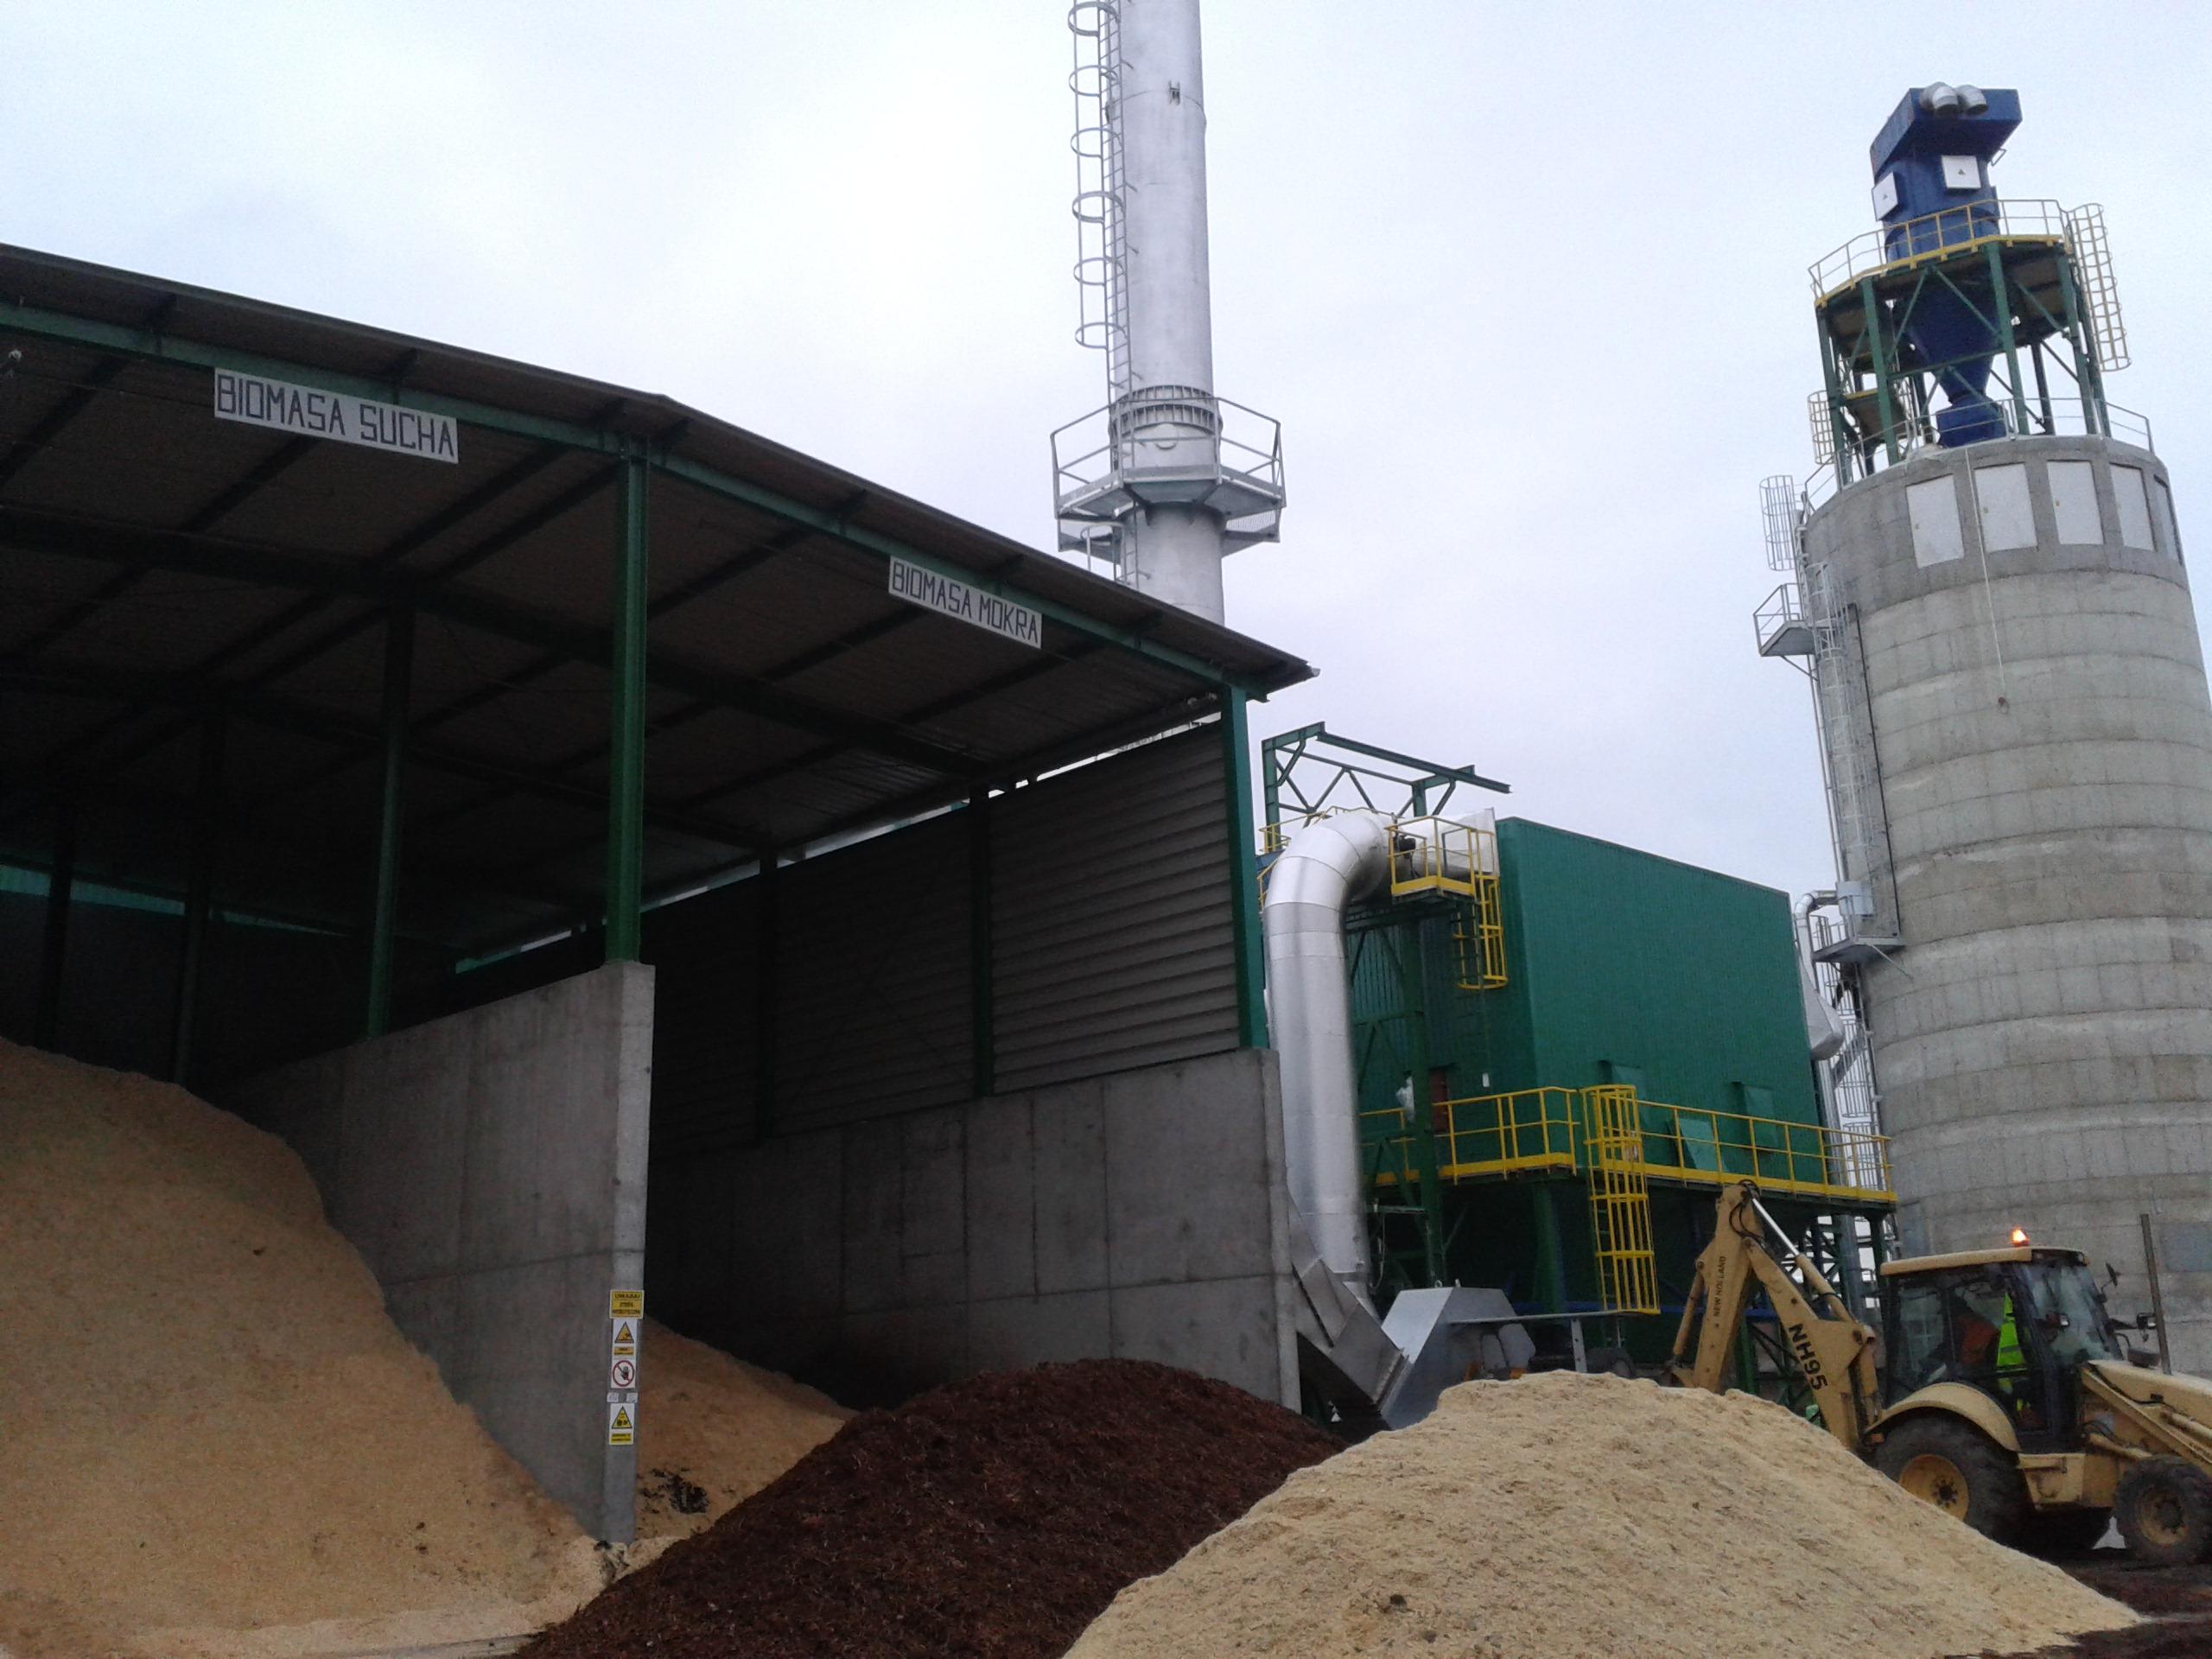 W kotle jest spalana biomasa mokra pozostająca po produkcji płyt LVL, odpad suchy w postaci forniru poza klasowego, który nie zostanie wykorzystany na potrzeby produkcji, jak również pył drzewny pochodzący z procesu obróbki gotowych płyt. Fot. Steico